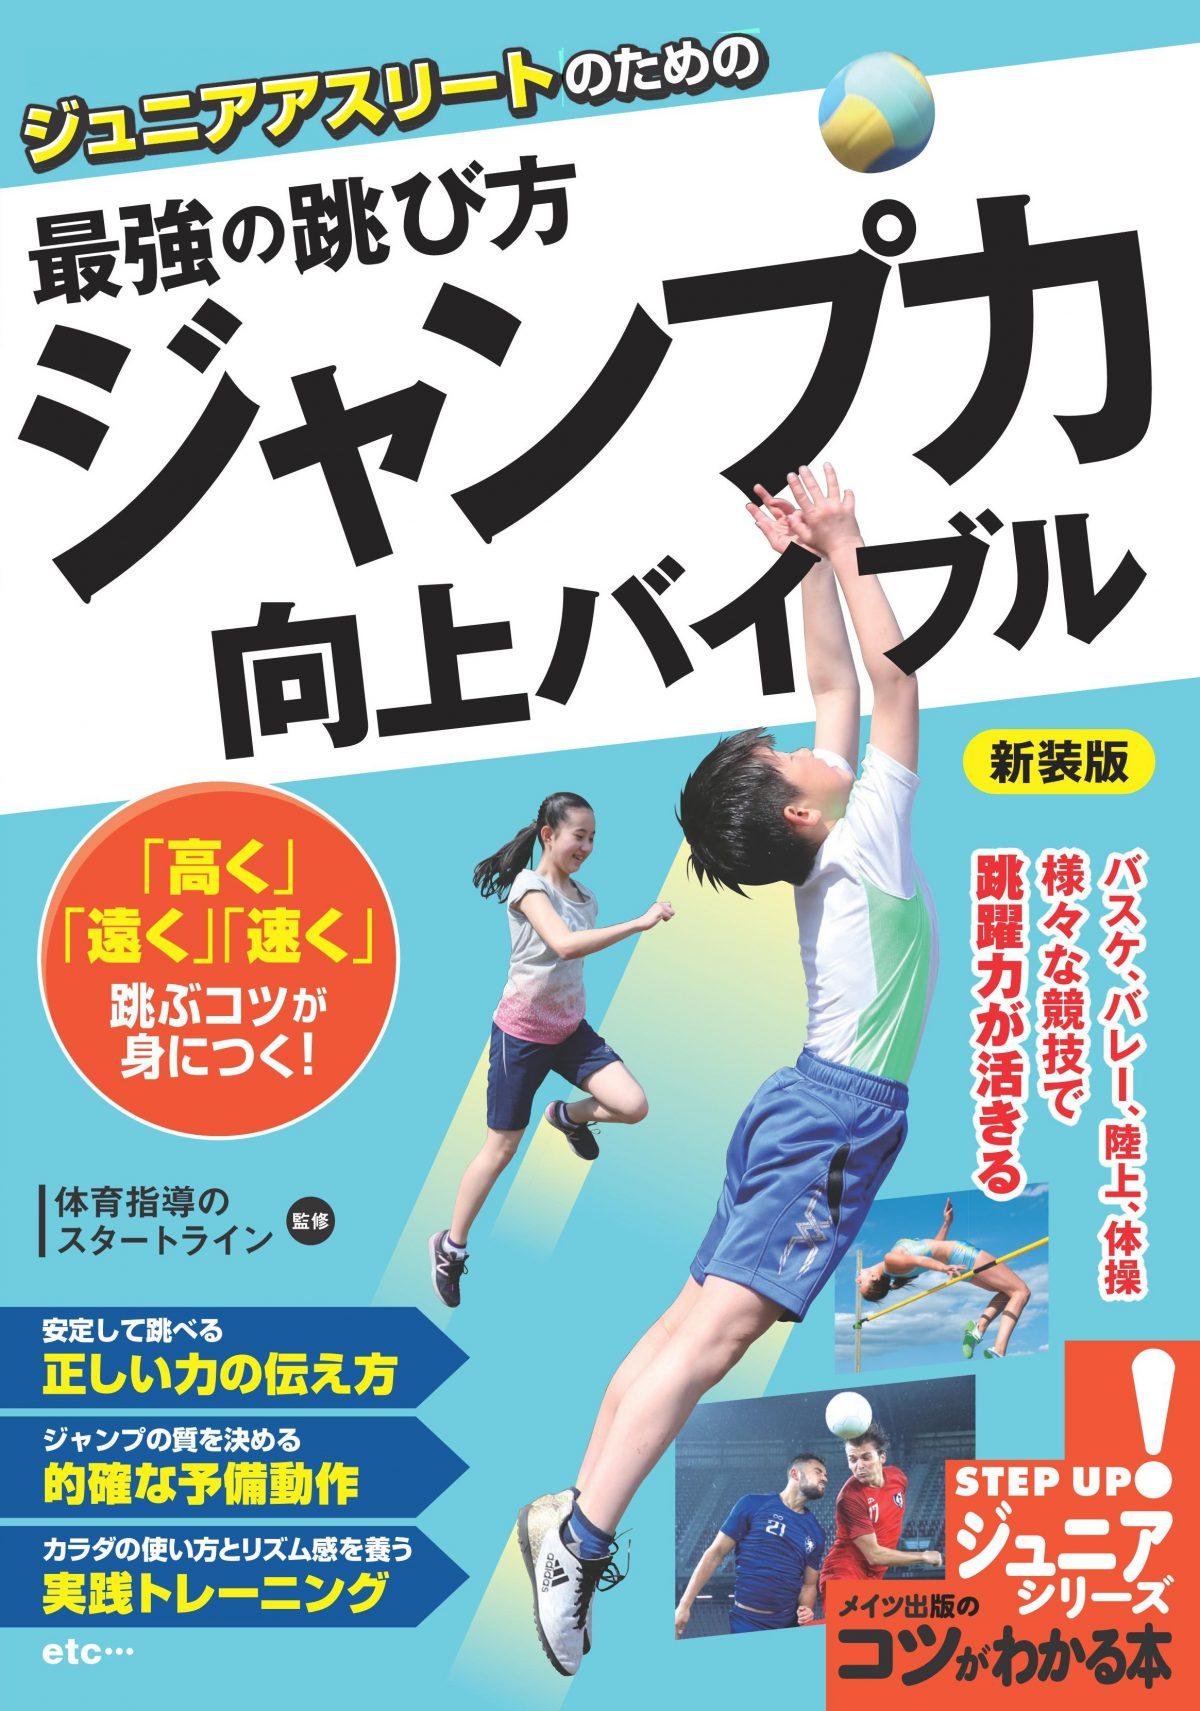 ジュニアアスリートのための 最強の跳び方 「ジャンプ力」向上バイブル 新装版